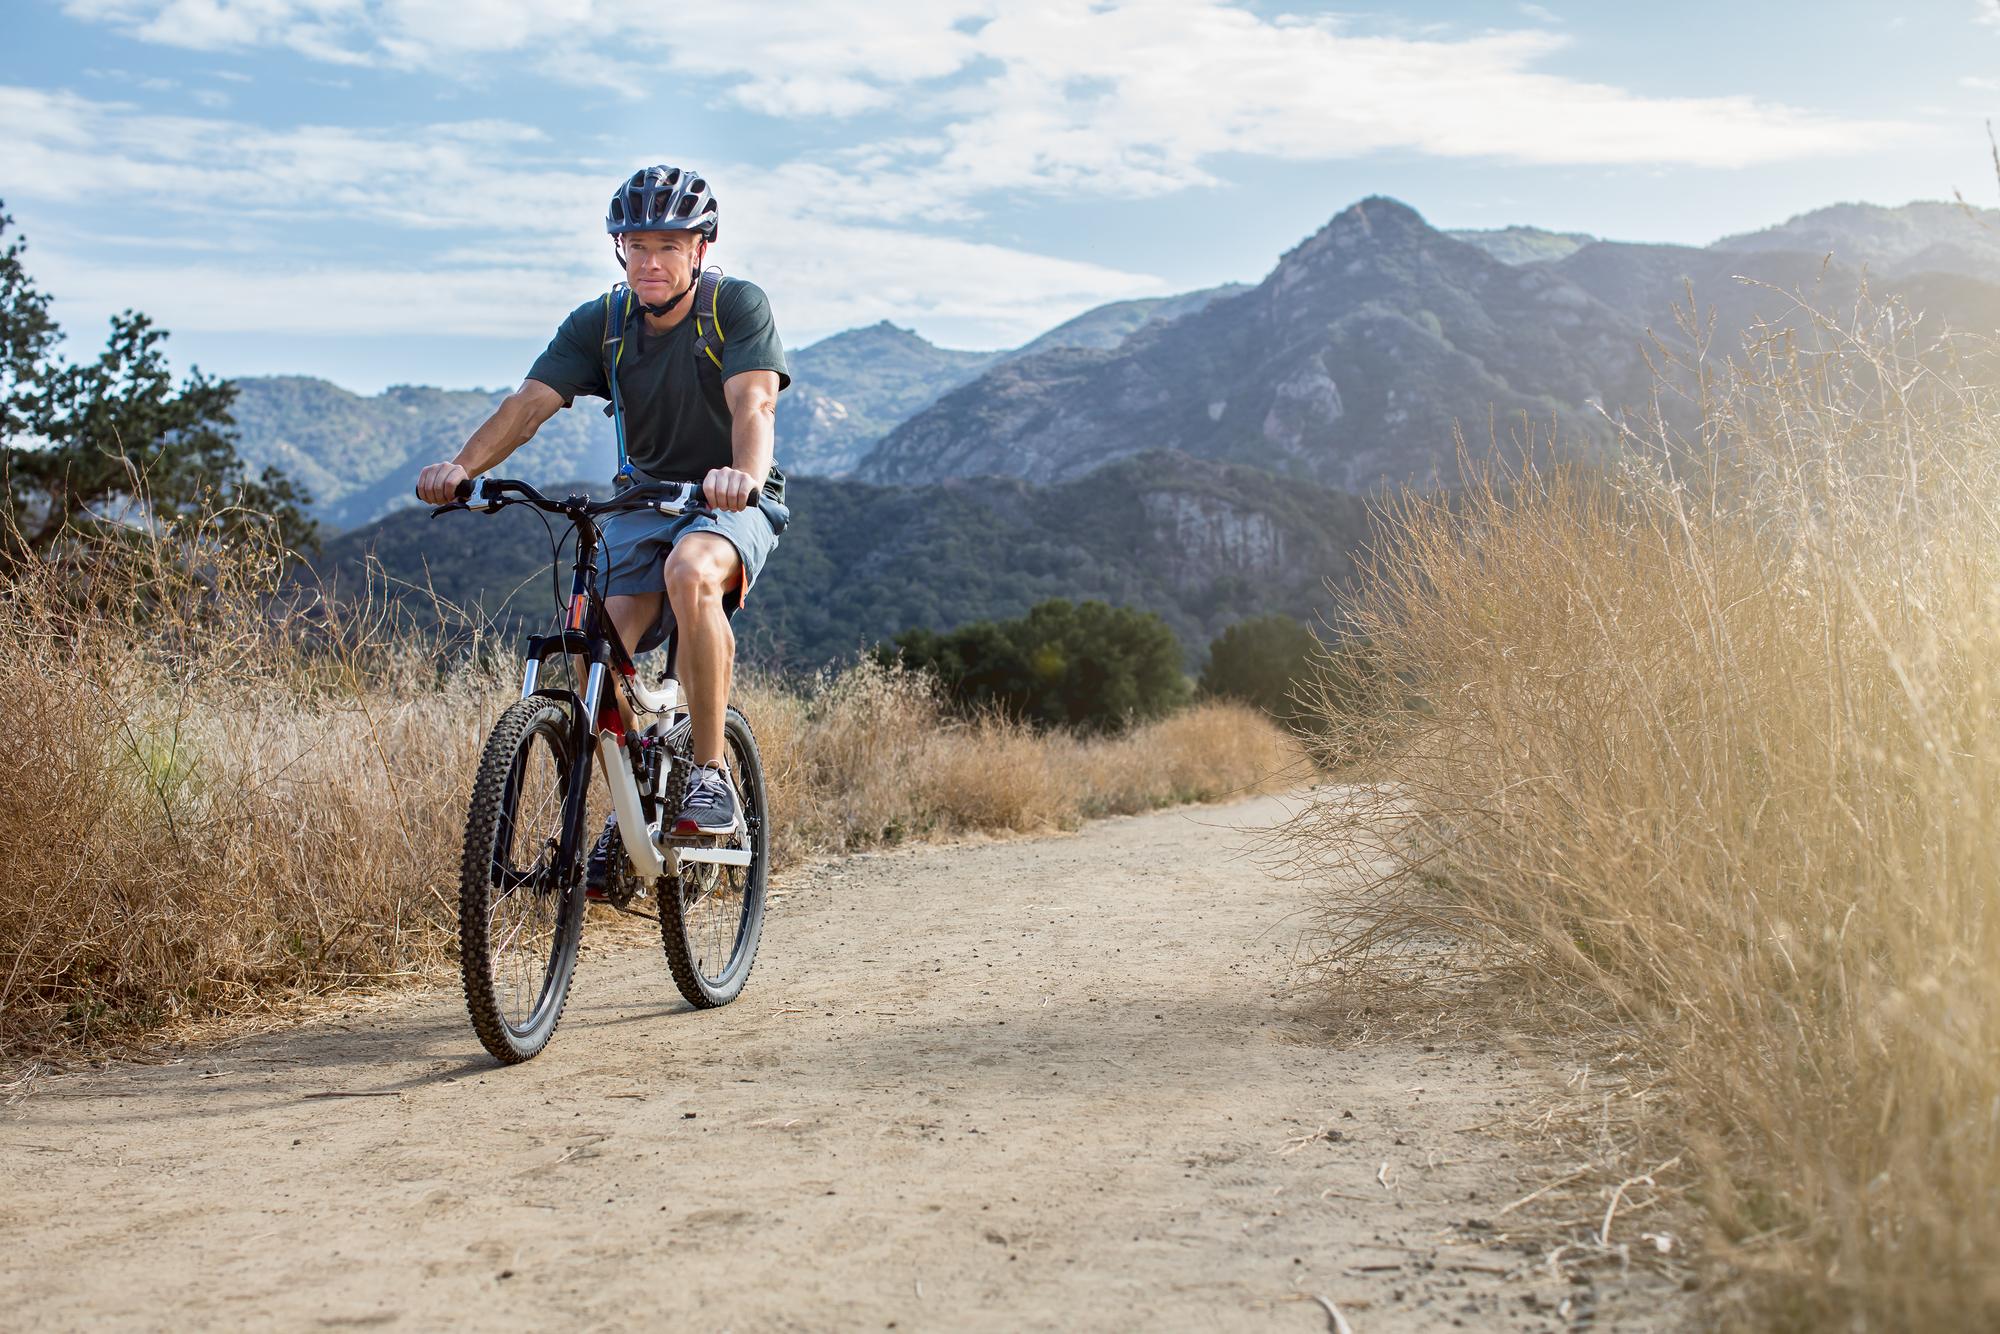 mountain biking in the wild